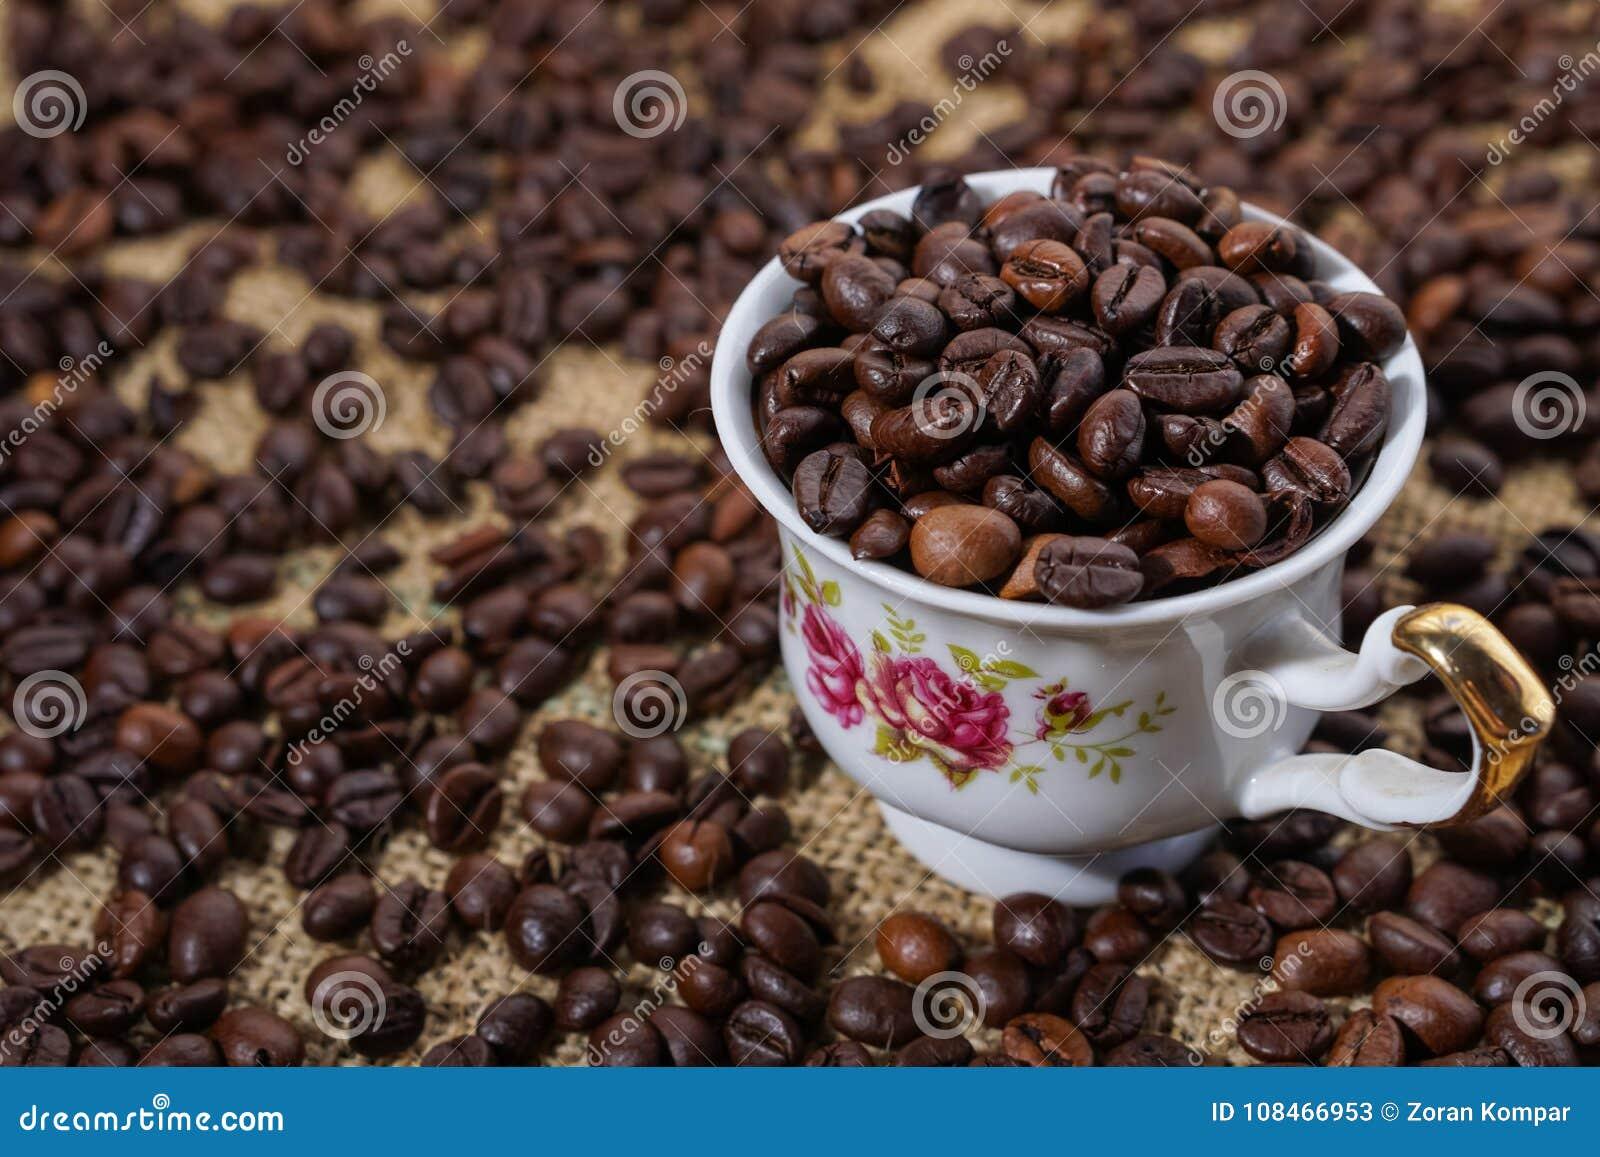 Φλυτζάνι καφέ τα πορφυρά λουλούδια που γεμίζουν με με τα φασόλια